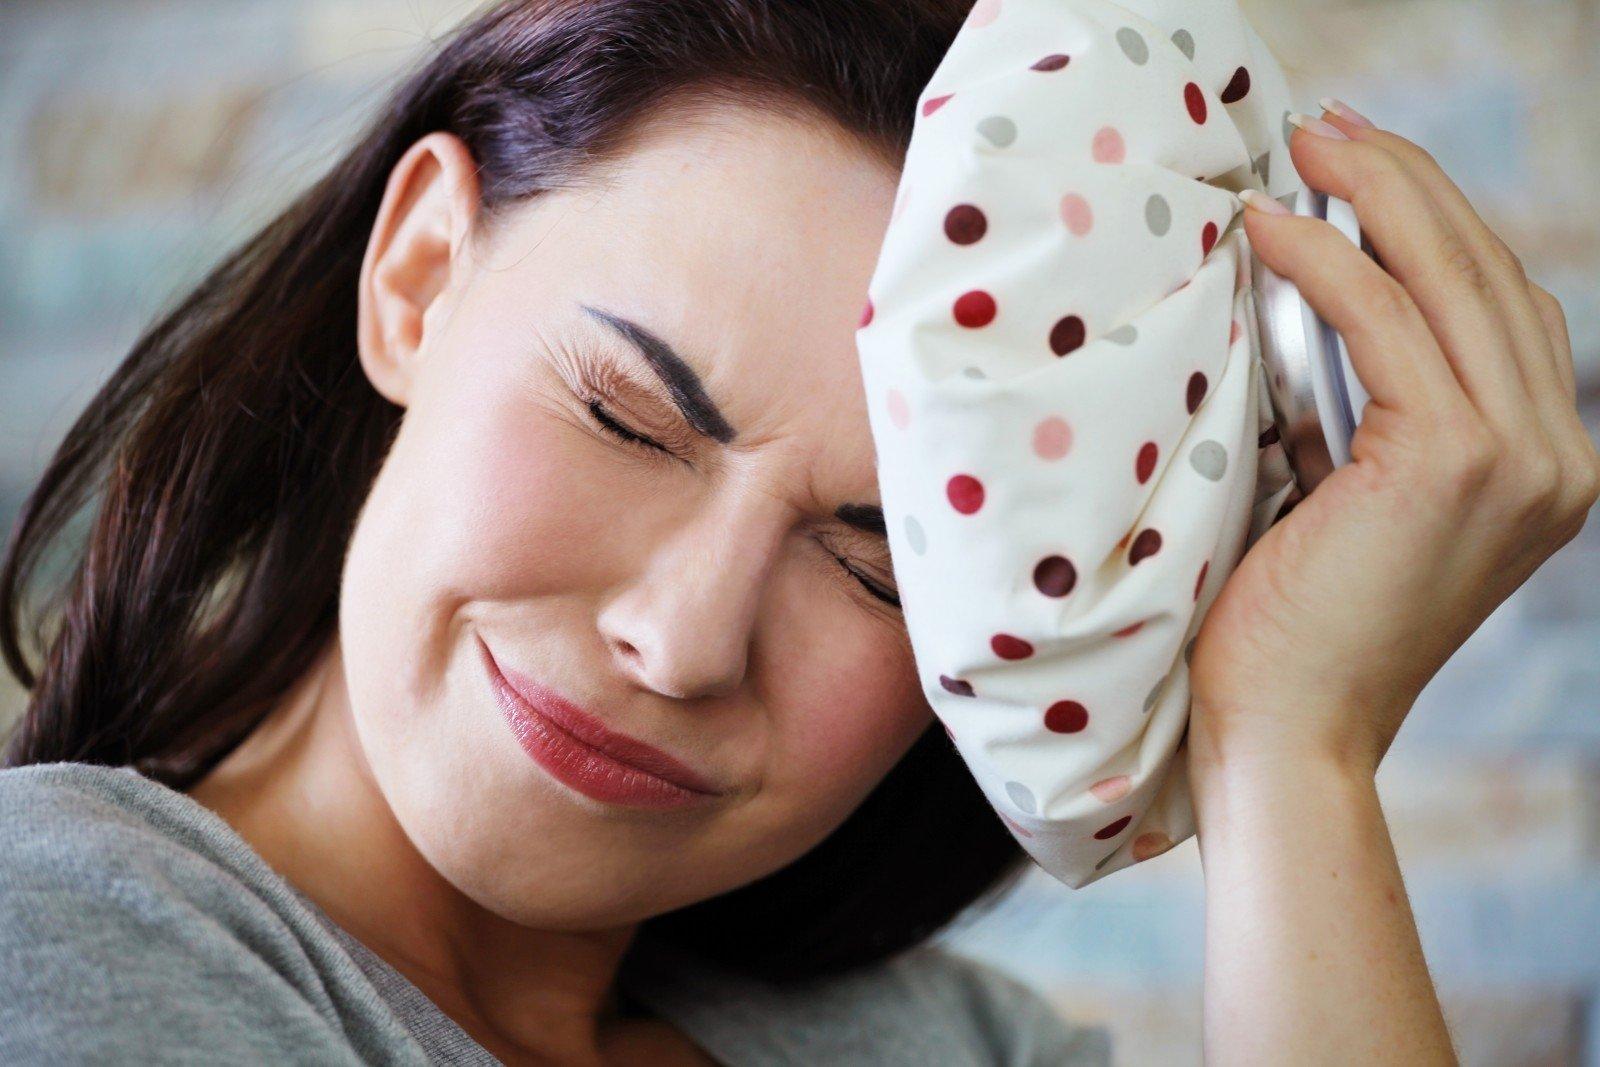 skausmo malšintojai galvos skausmams, sergantiems hipertenzija